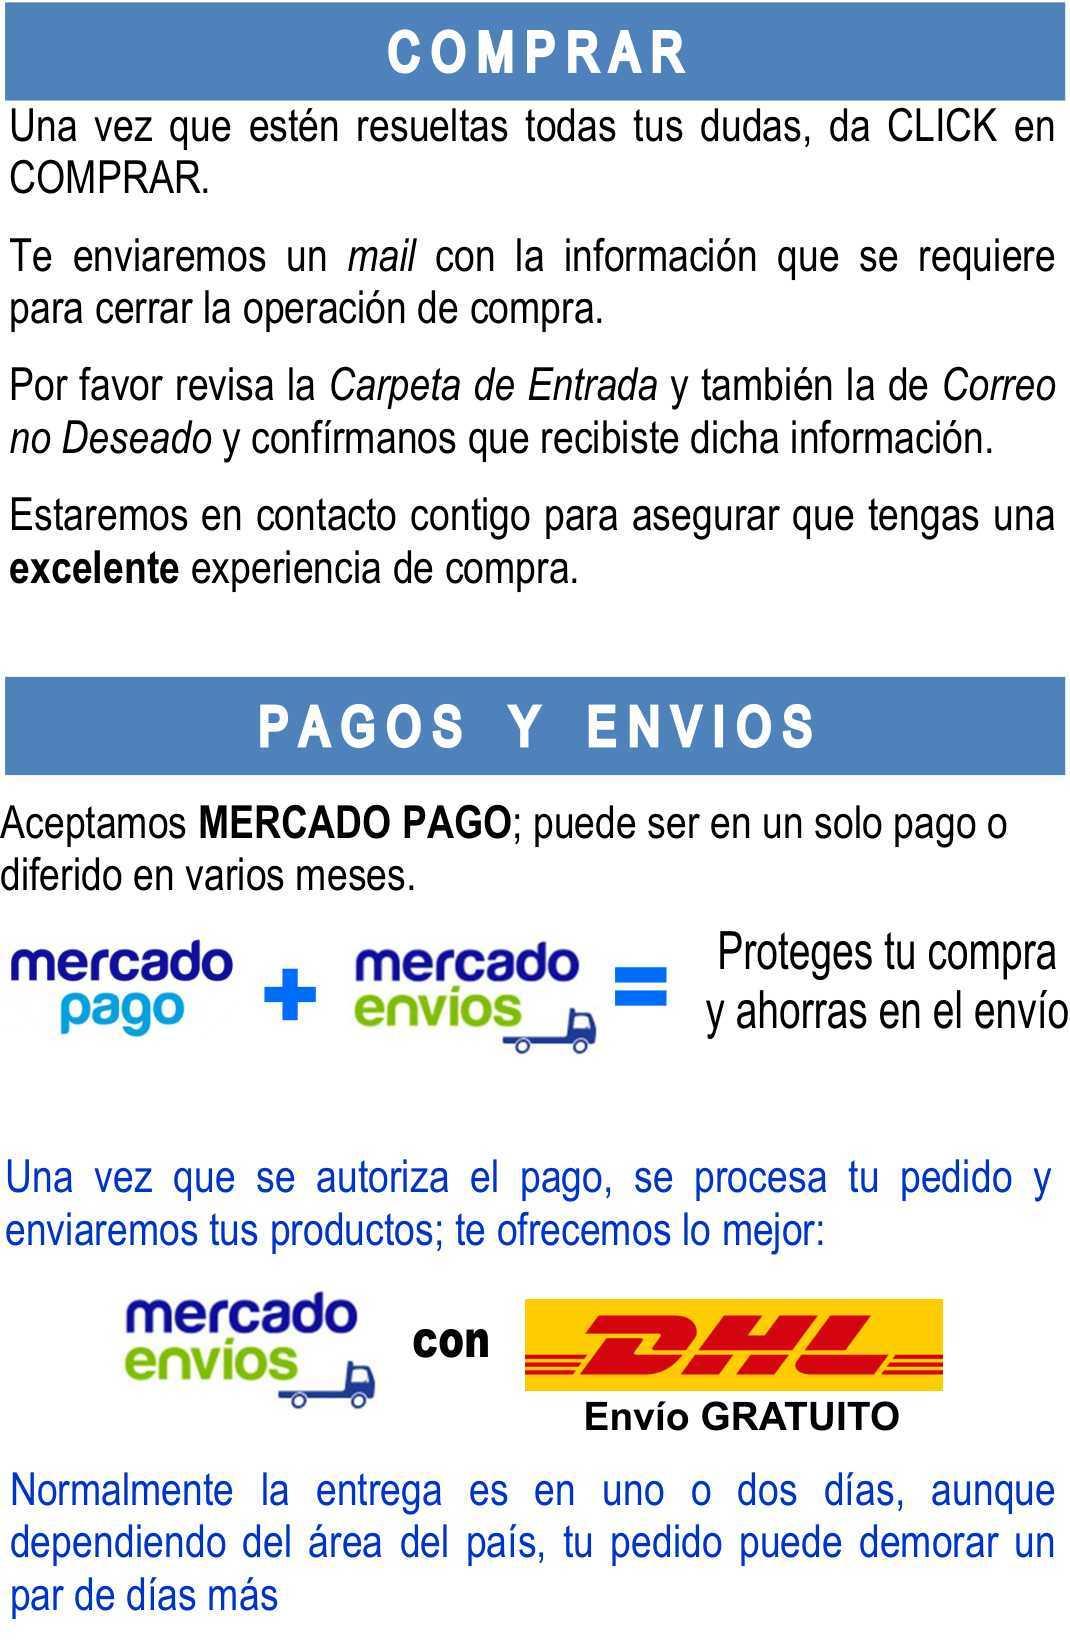 prostibulos en colombia mujer se ofrece por dinero